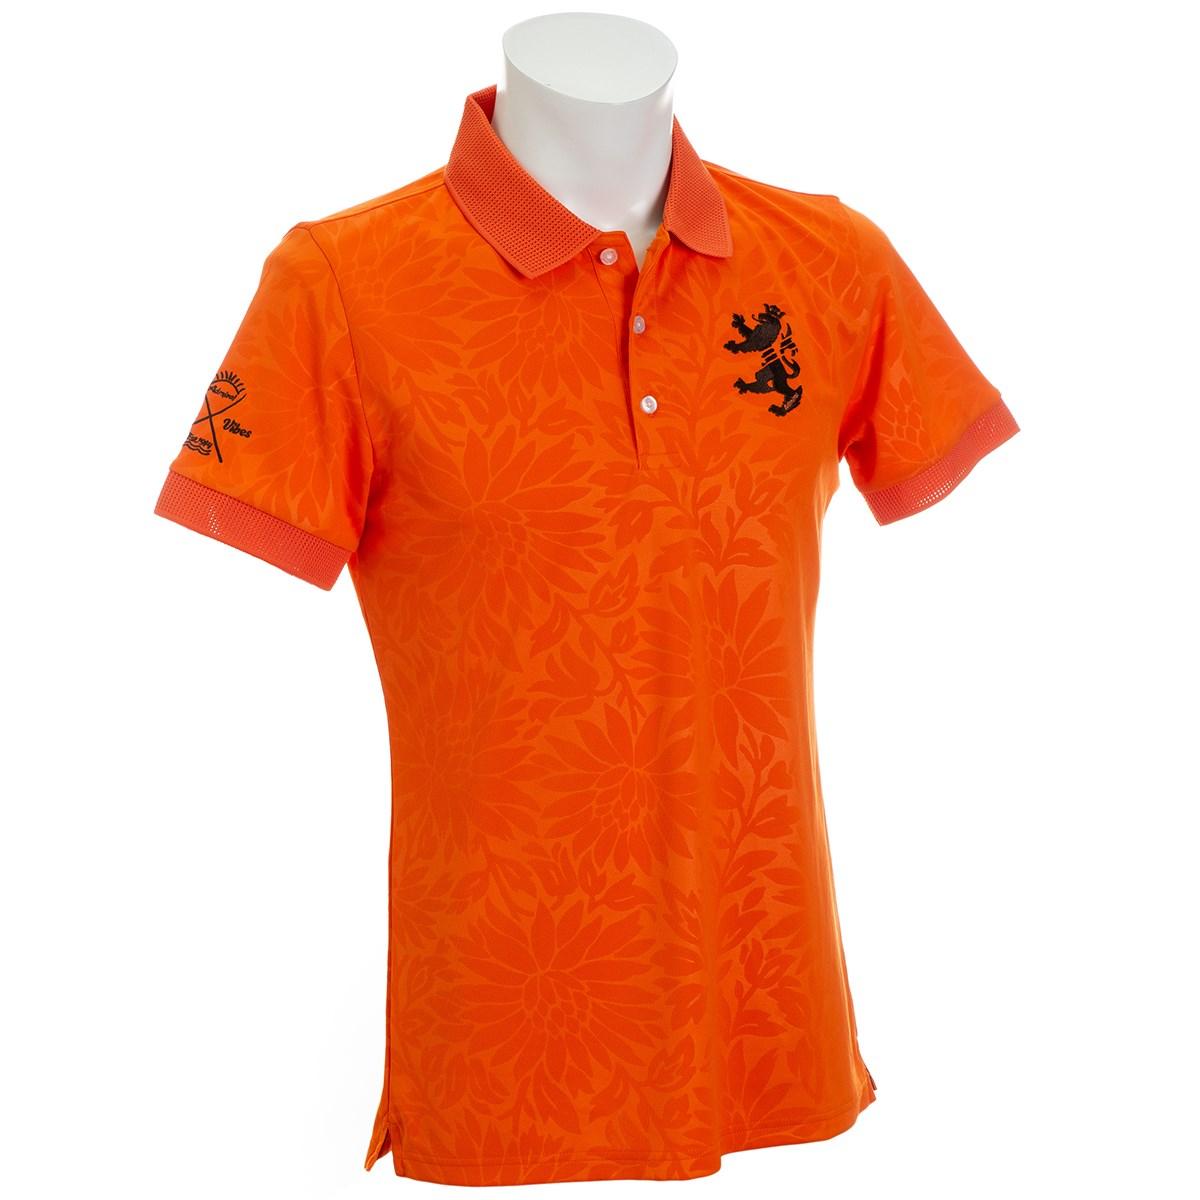 アドミラル フラワーエンボス 襟メッシュ 半袖ポロシャツ